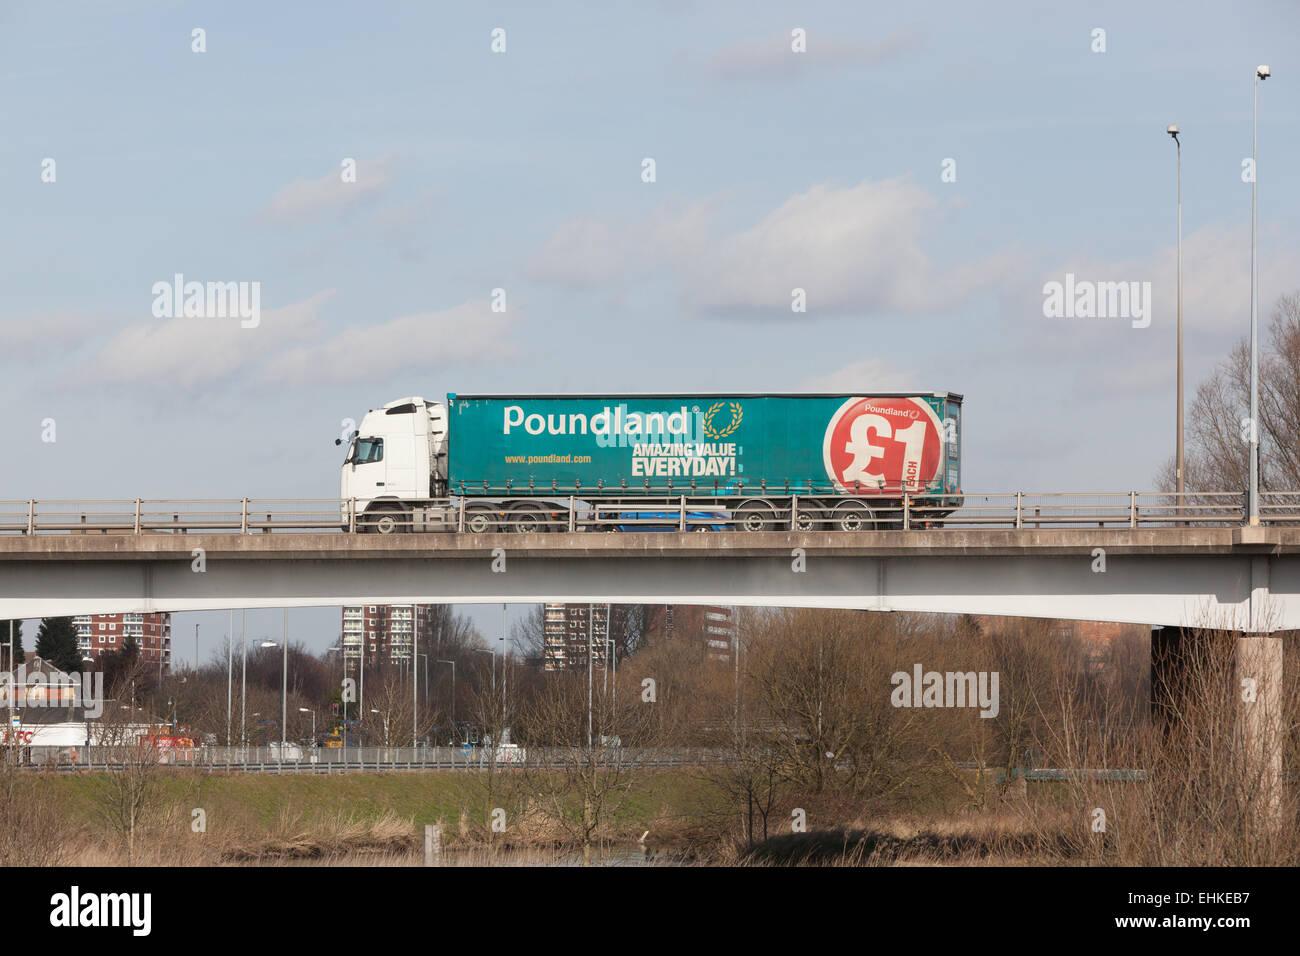 Ein Poundland LKW Reisen durch die Midlands in England. Stockbild